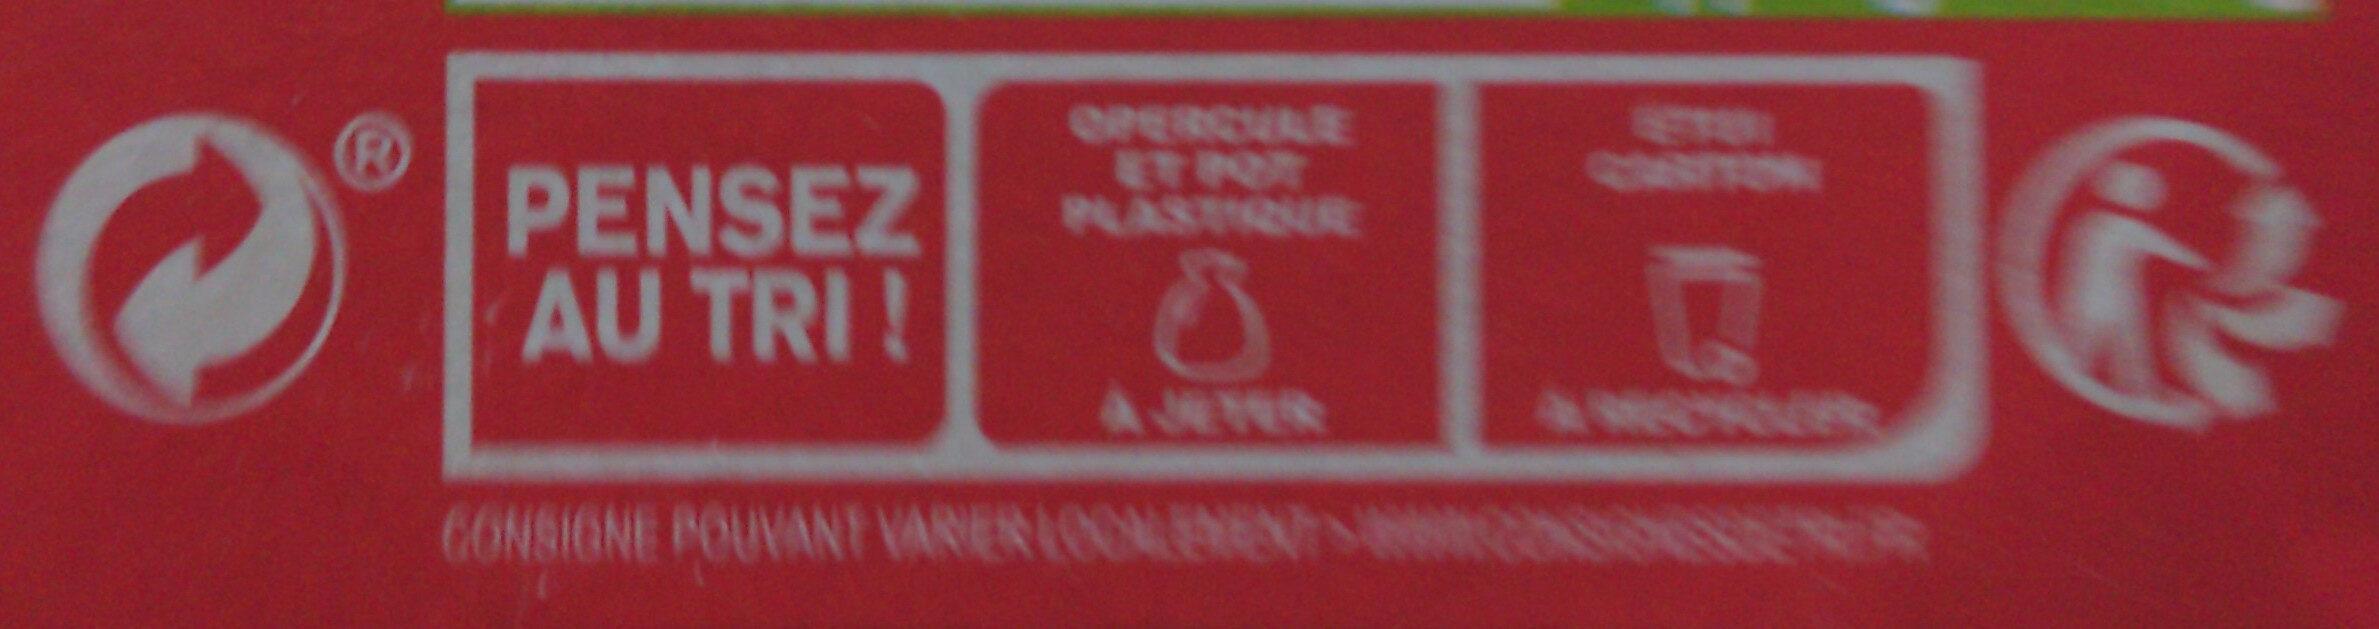 Danone aux fruits d'ici - Istruzioni per il riciclaggio e/o informazioni sull'imballaggio - fr